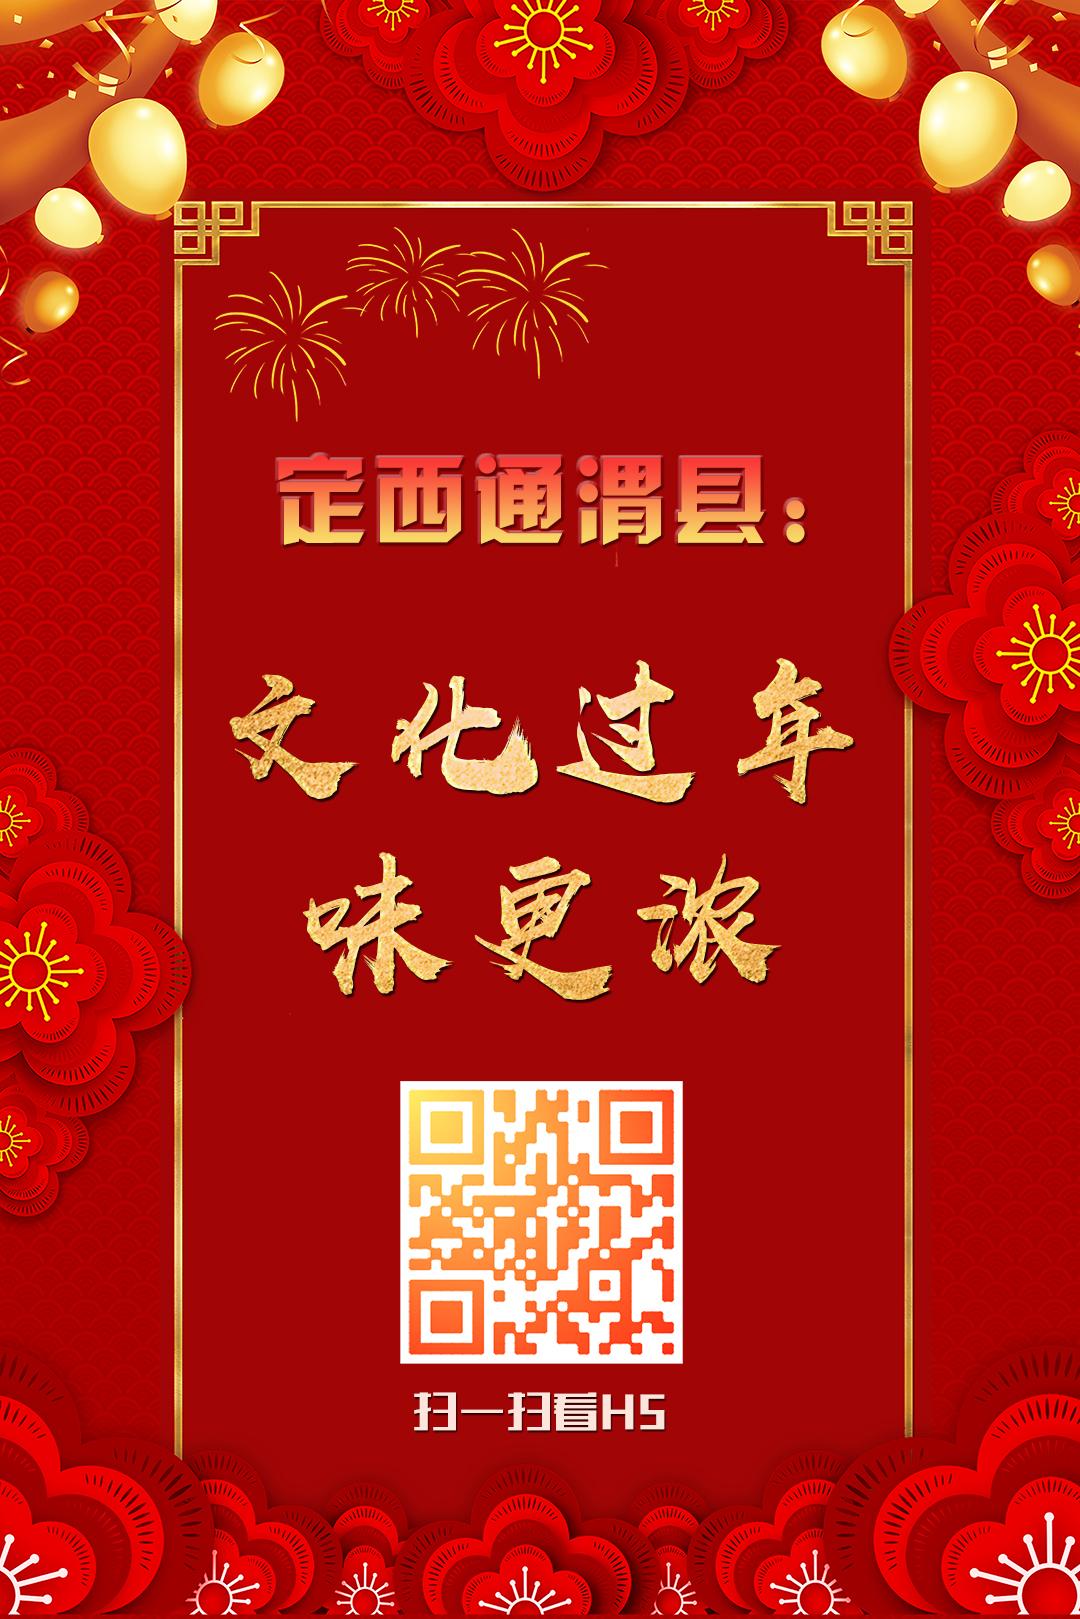 H5| 定西通渭县:文化过年味更浓